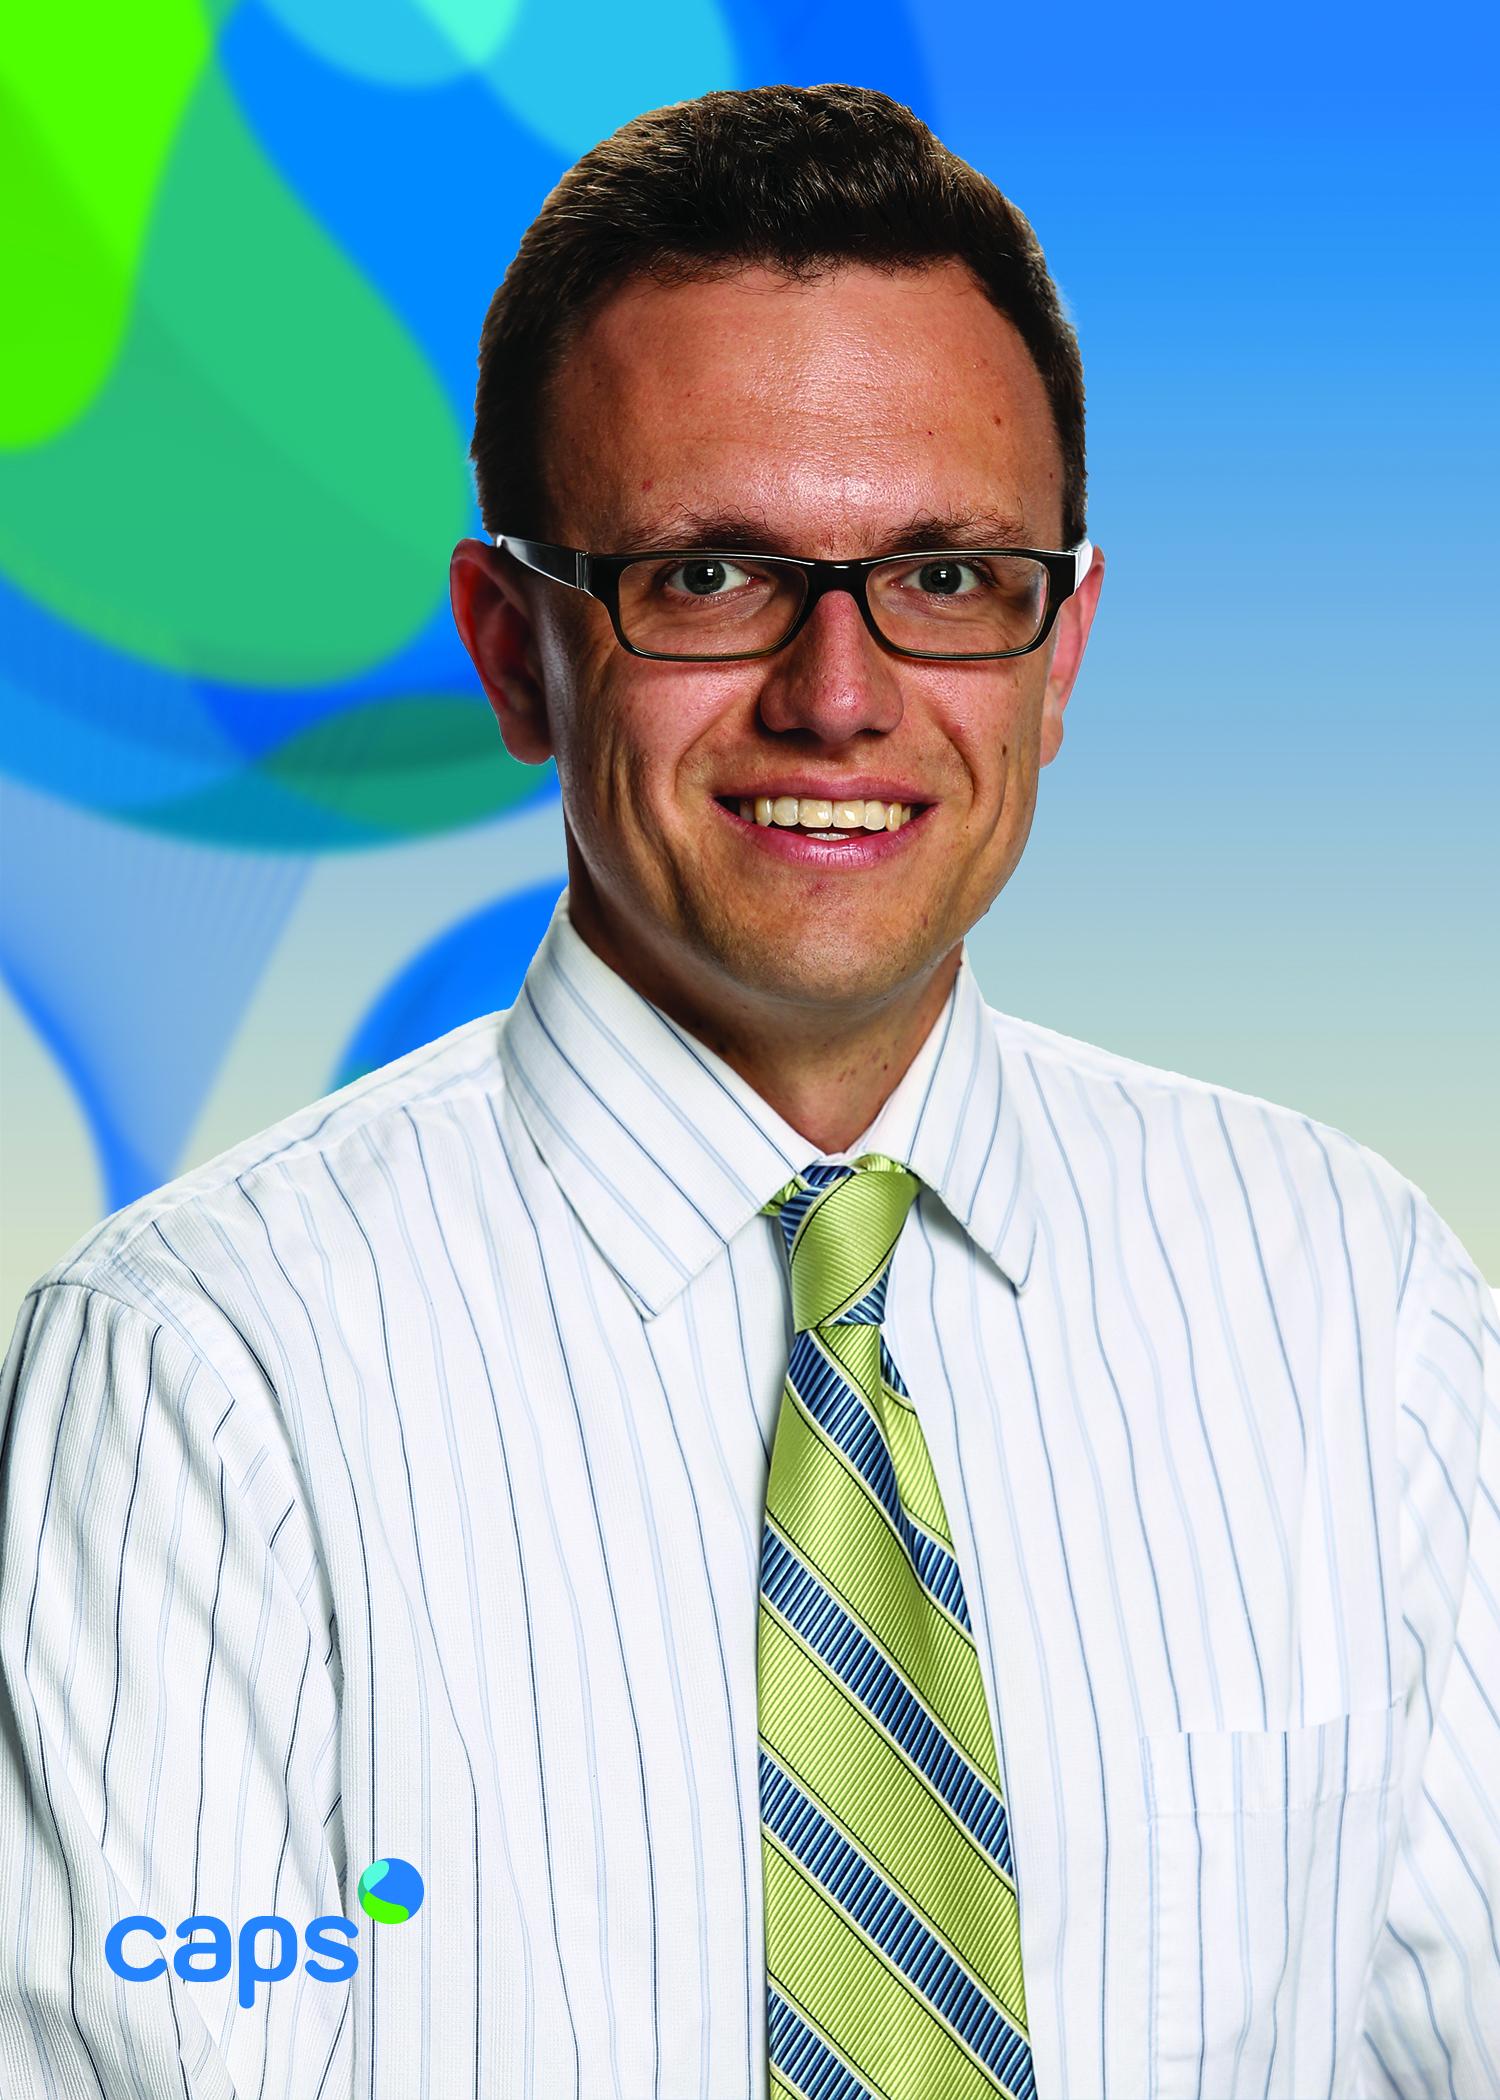 Corey Mohn